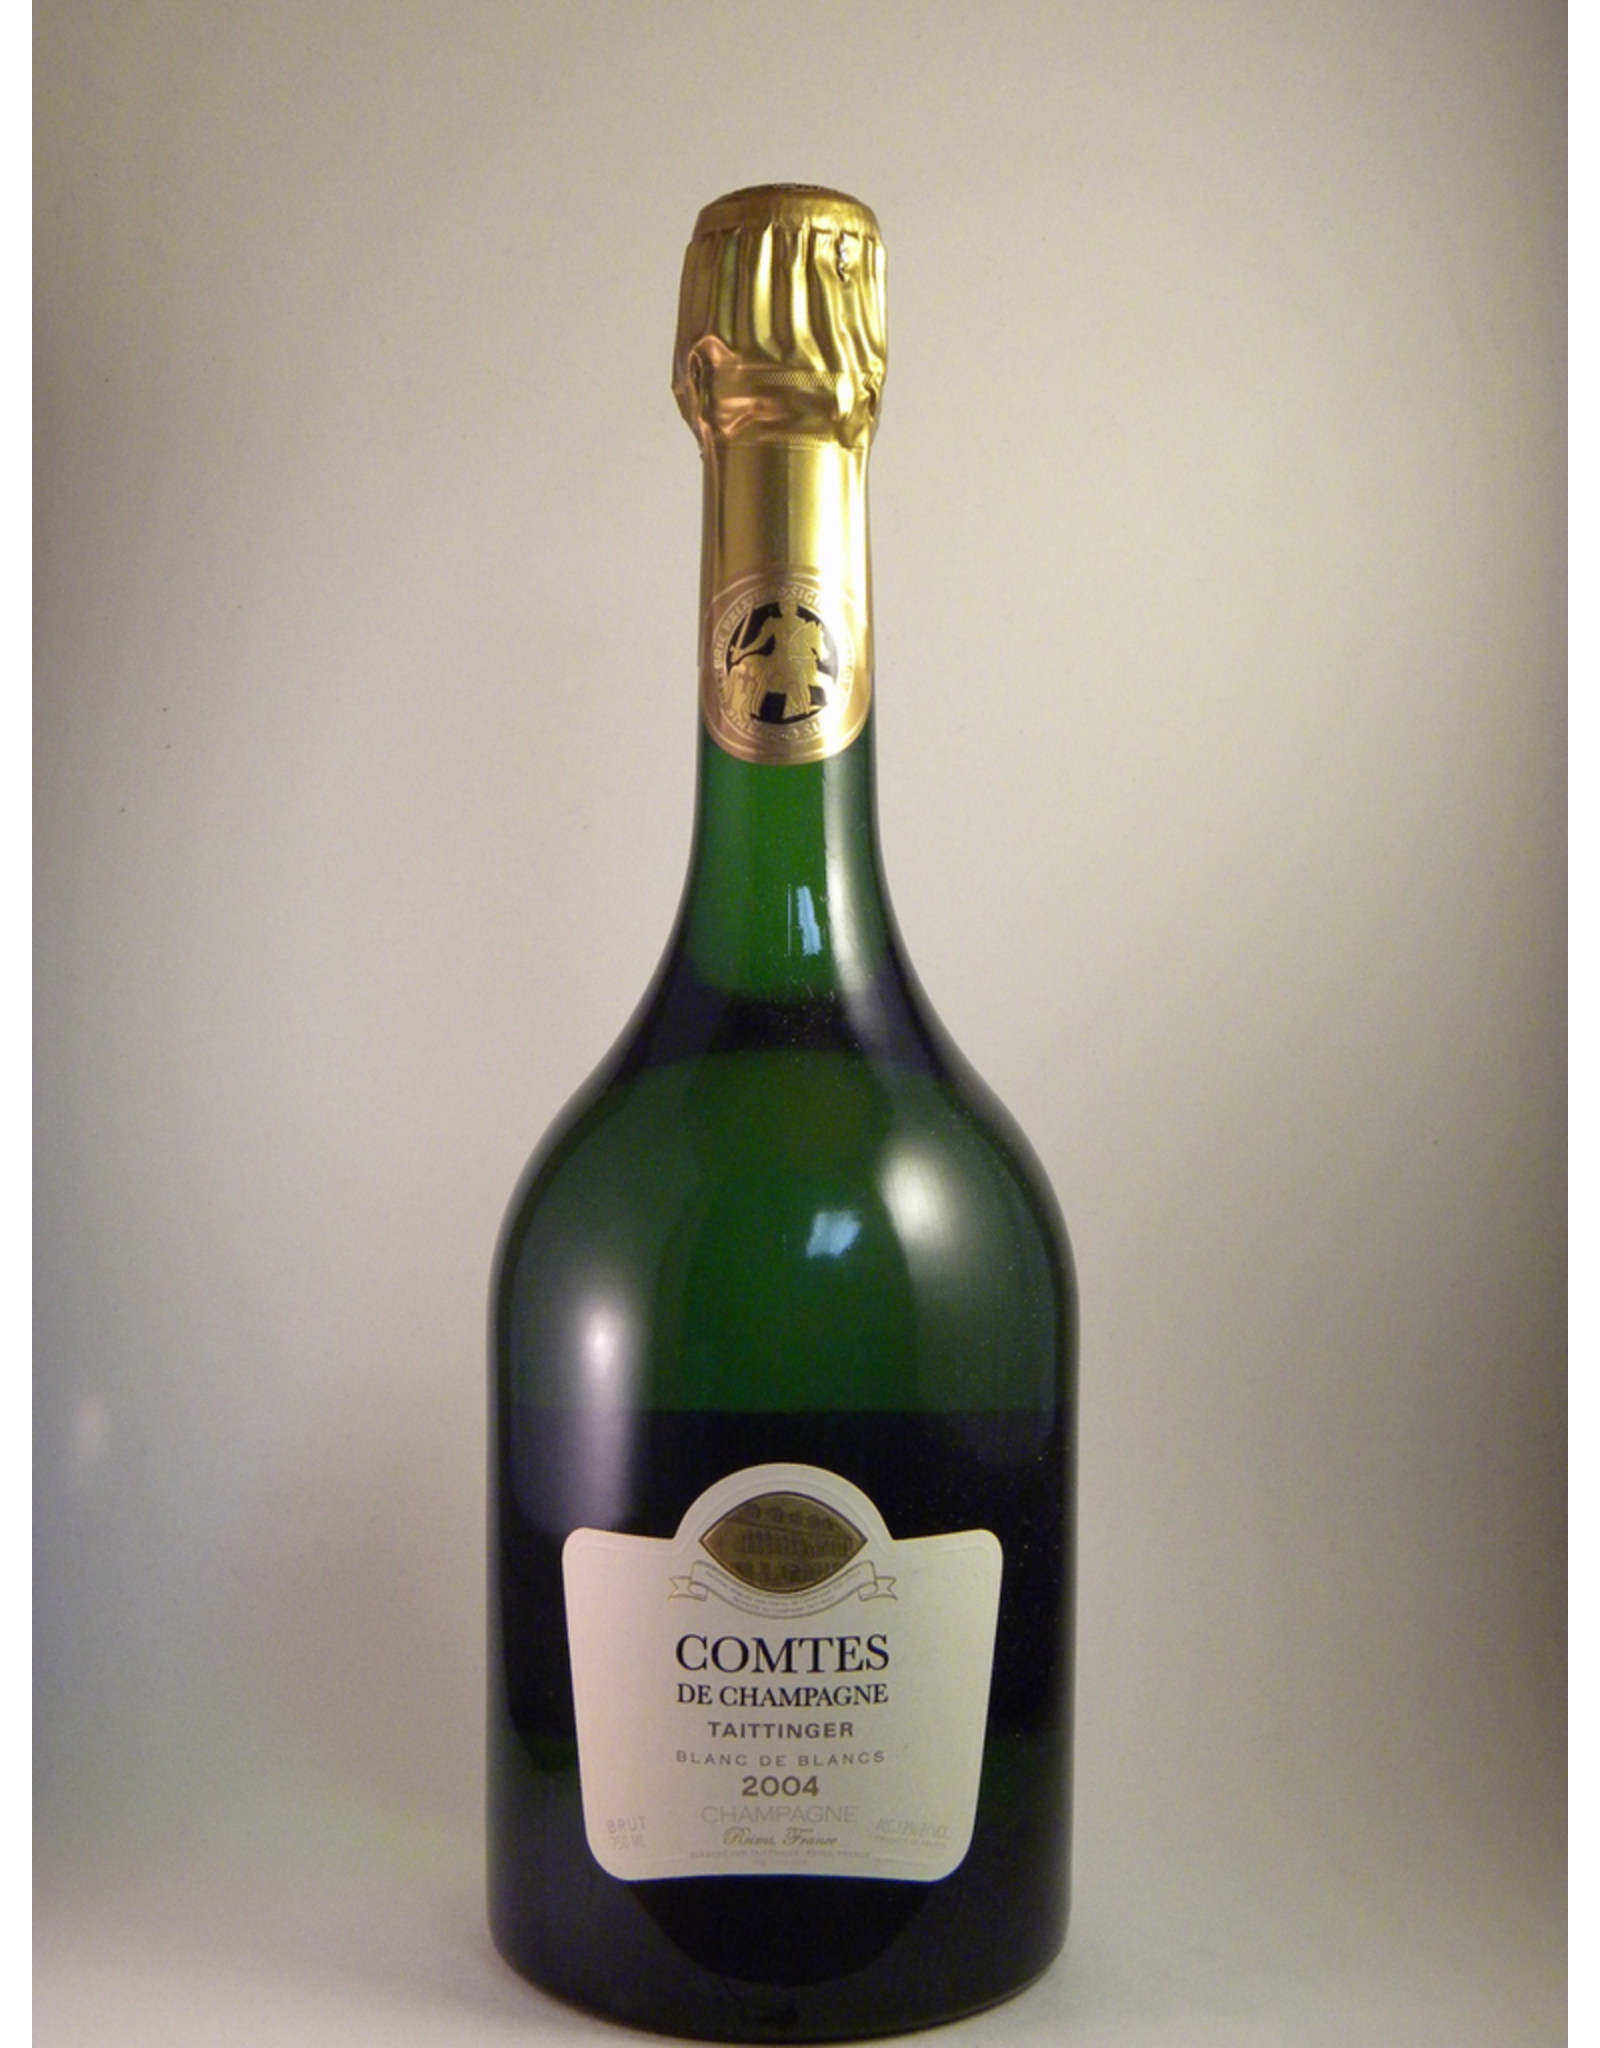 Taittinger Champagne Comtes de Champagne Blanc de Blancs 2007